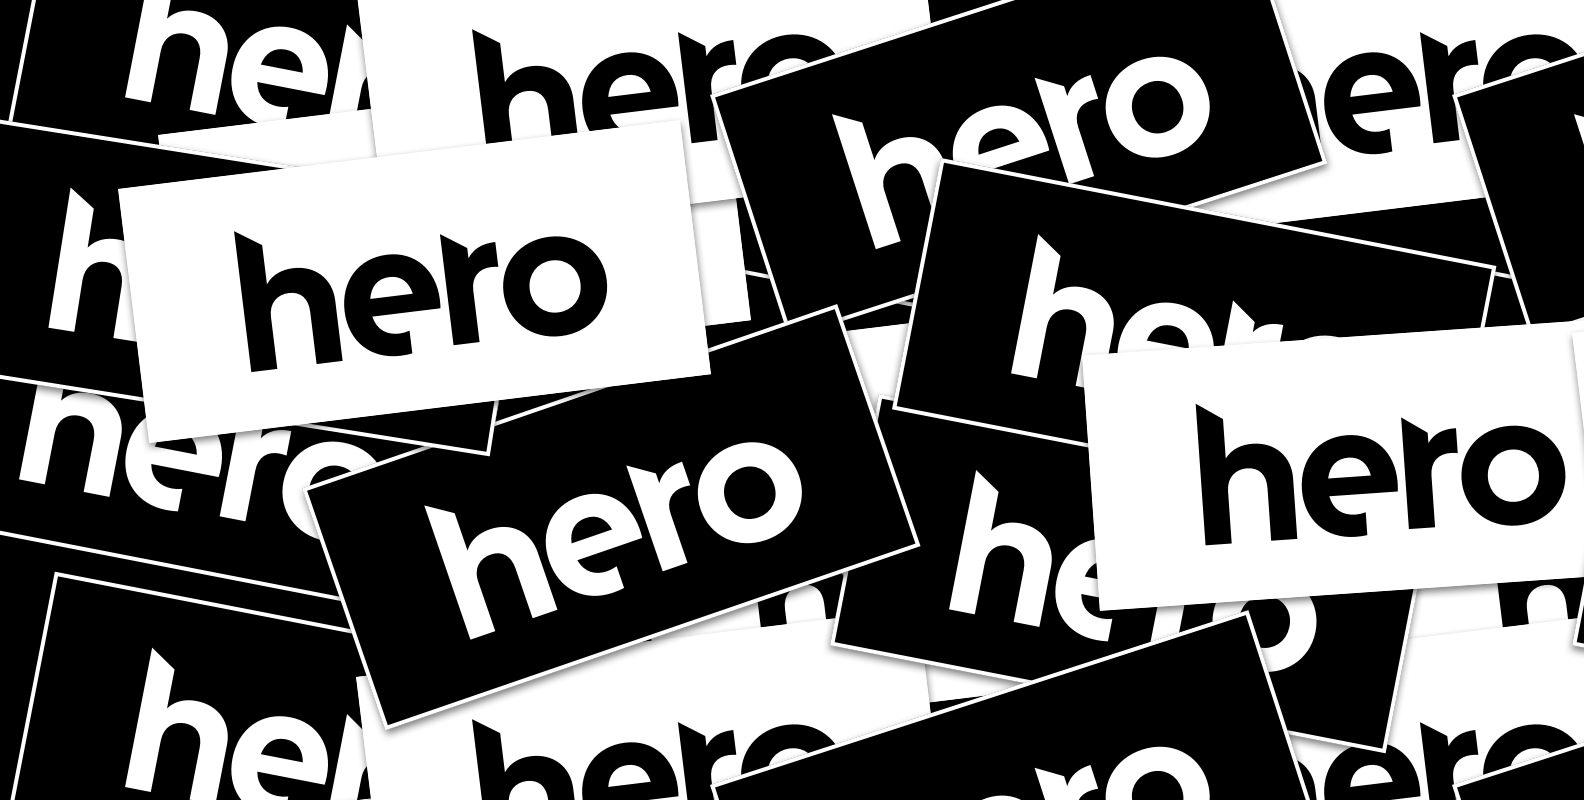 Hero_1_a Copy.jpg